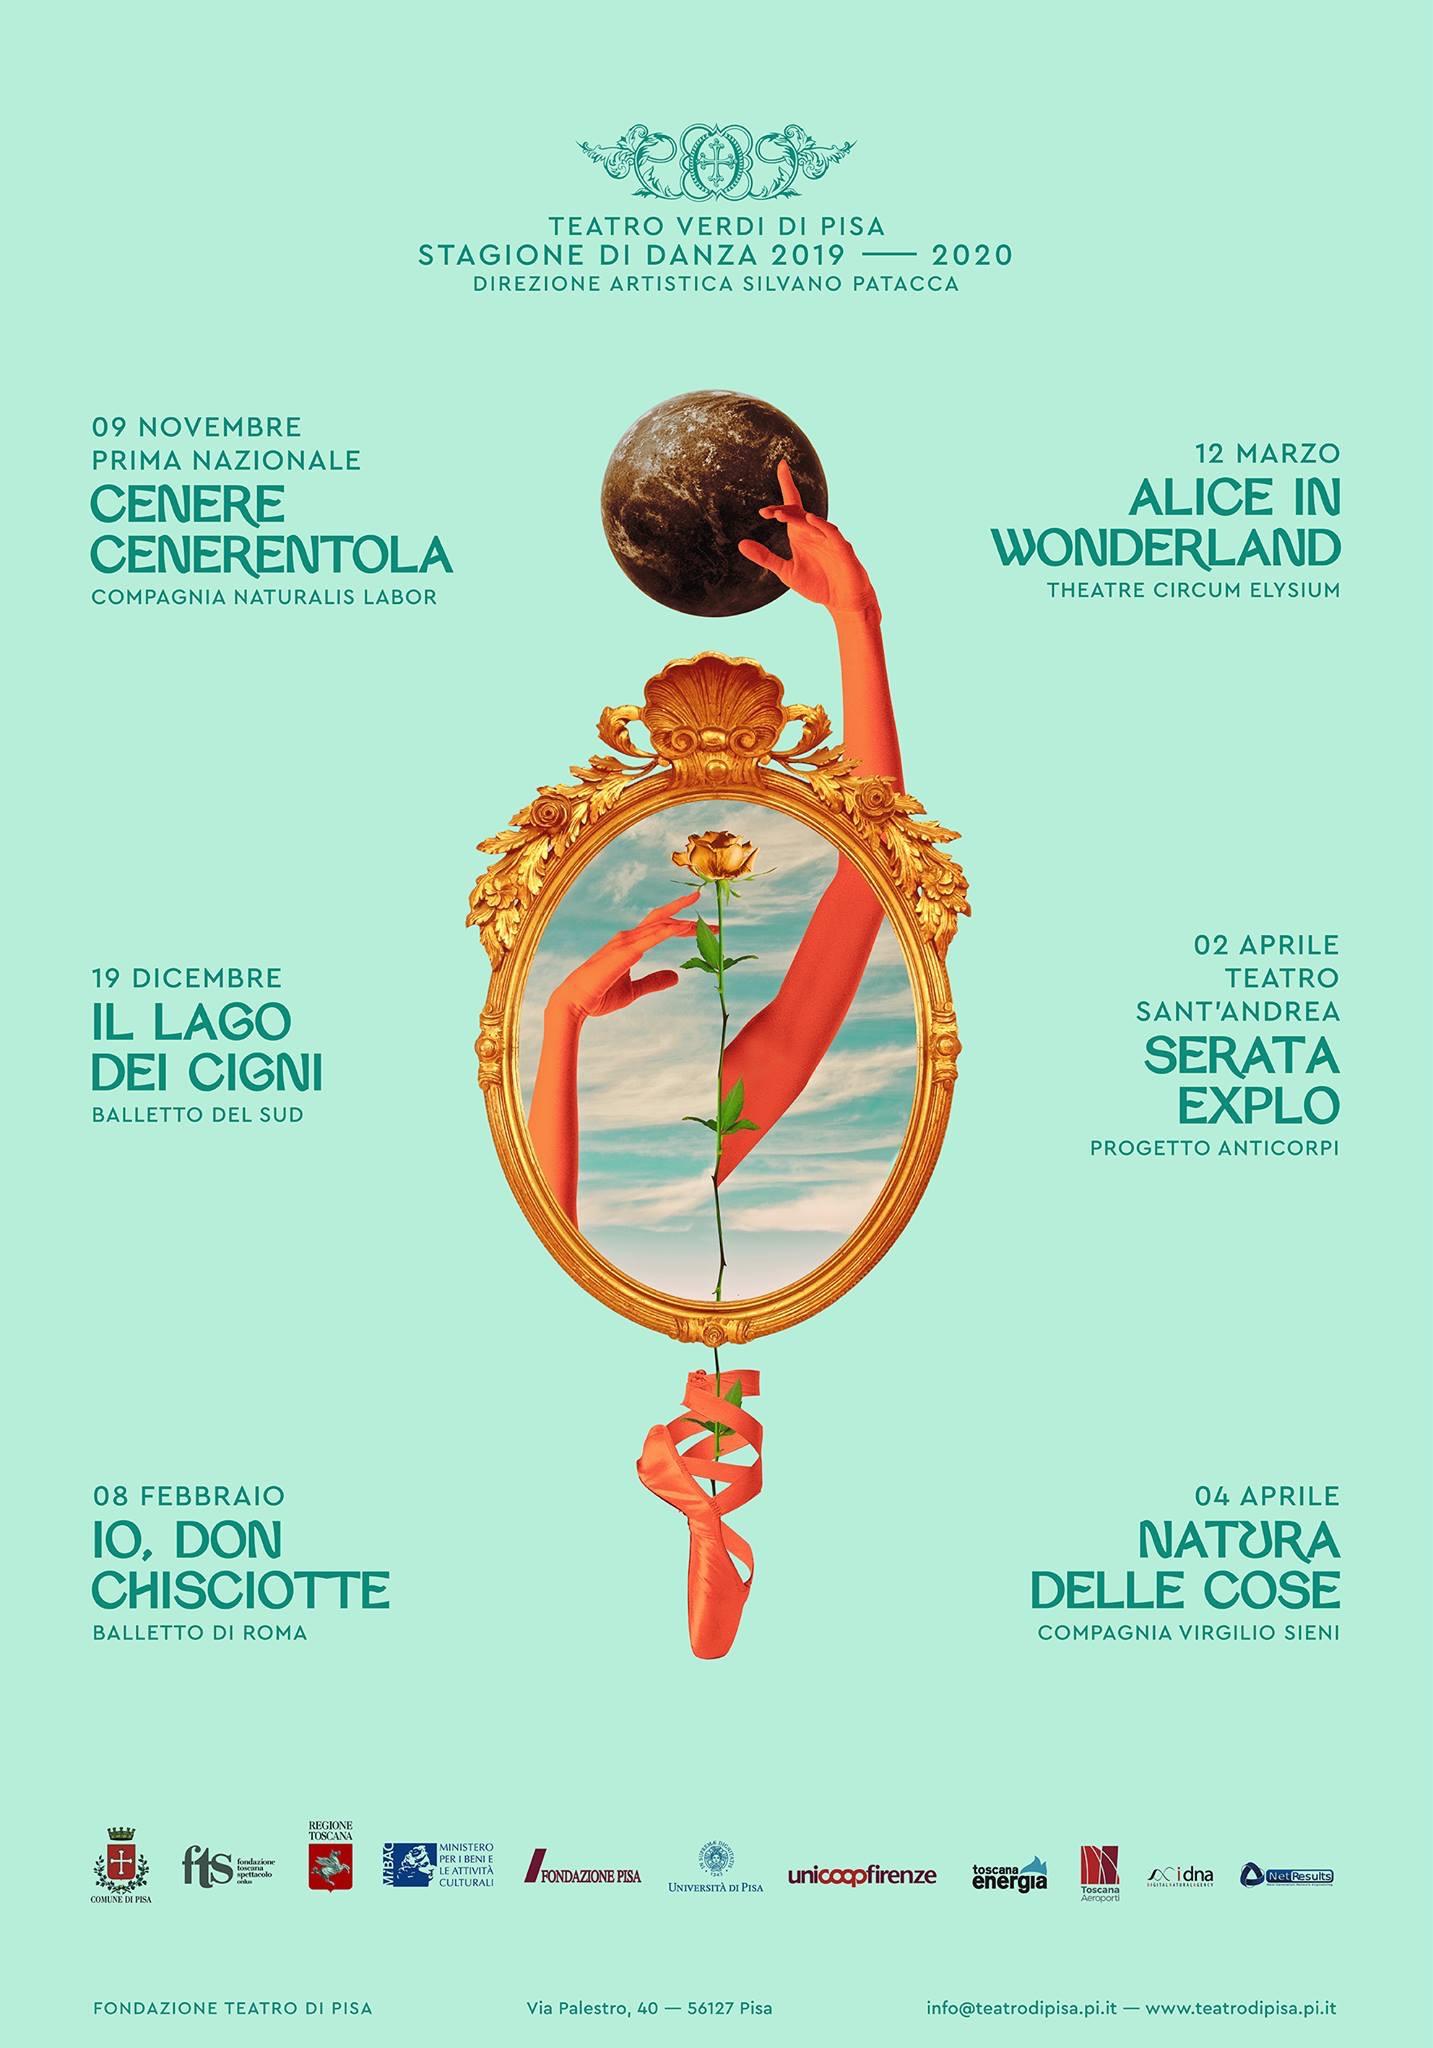 Teatro Verdi di Pisa: stagione di danza 2019-20